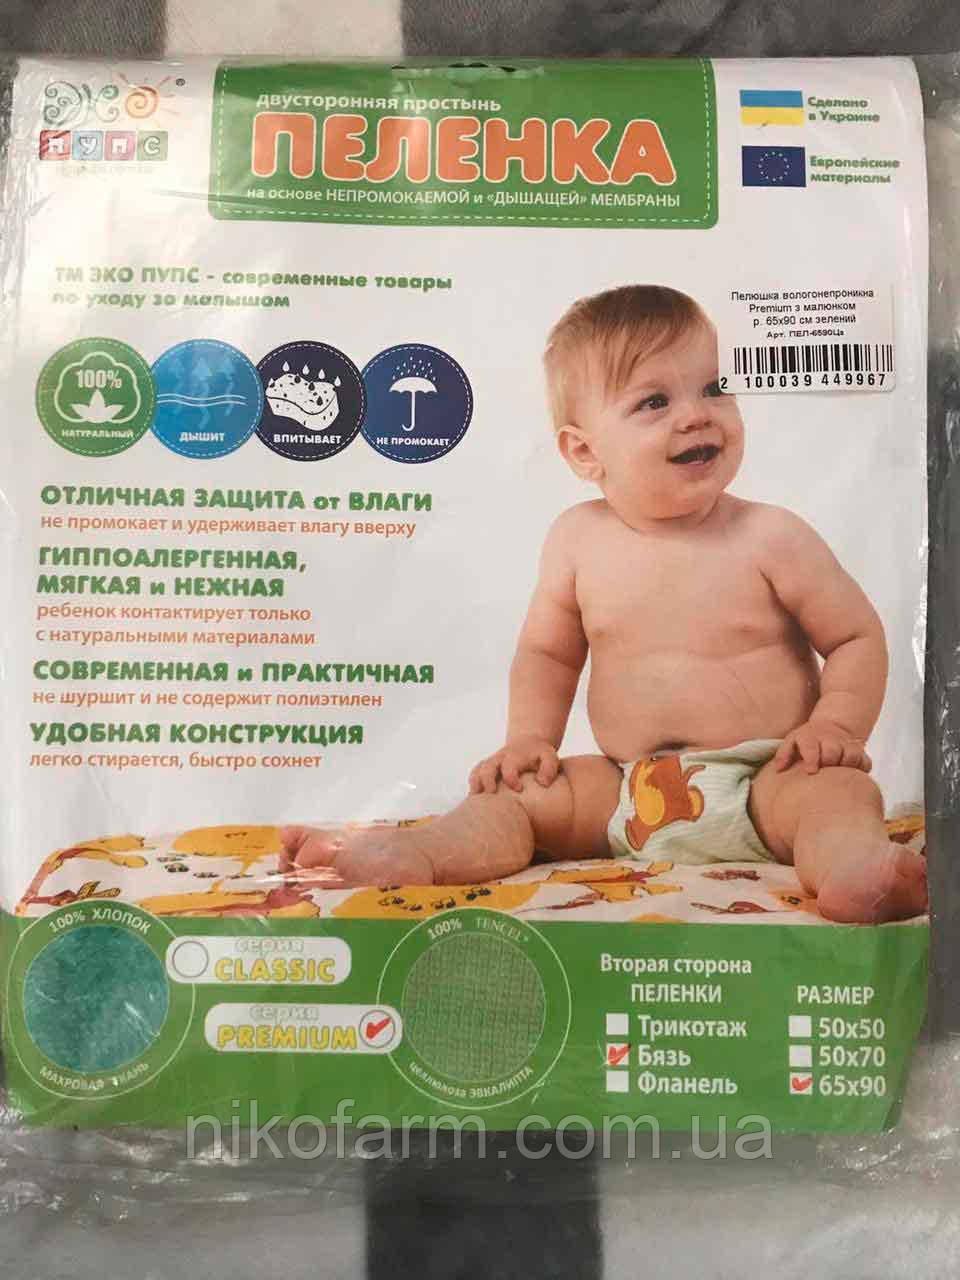 Непромокаемая детская пеленка ЭкоПупс Premium, бязь, 65х90 смНет в наличии